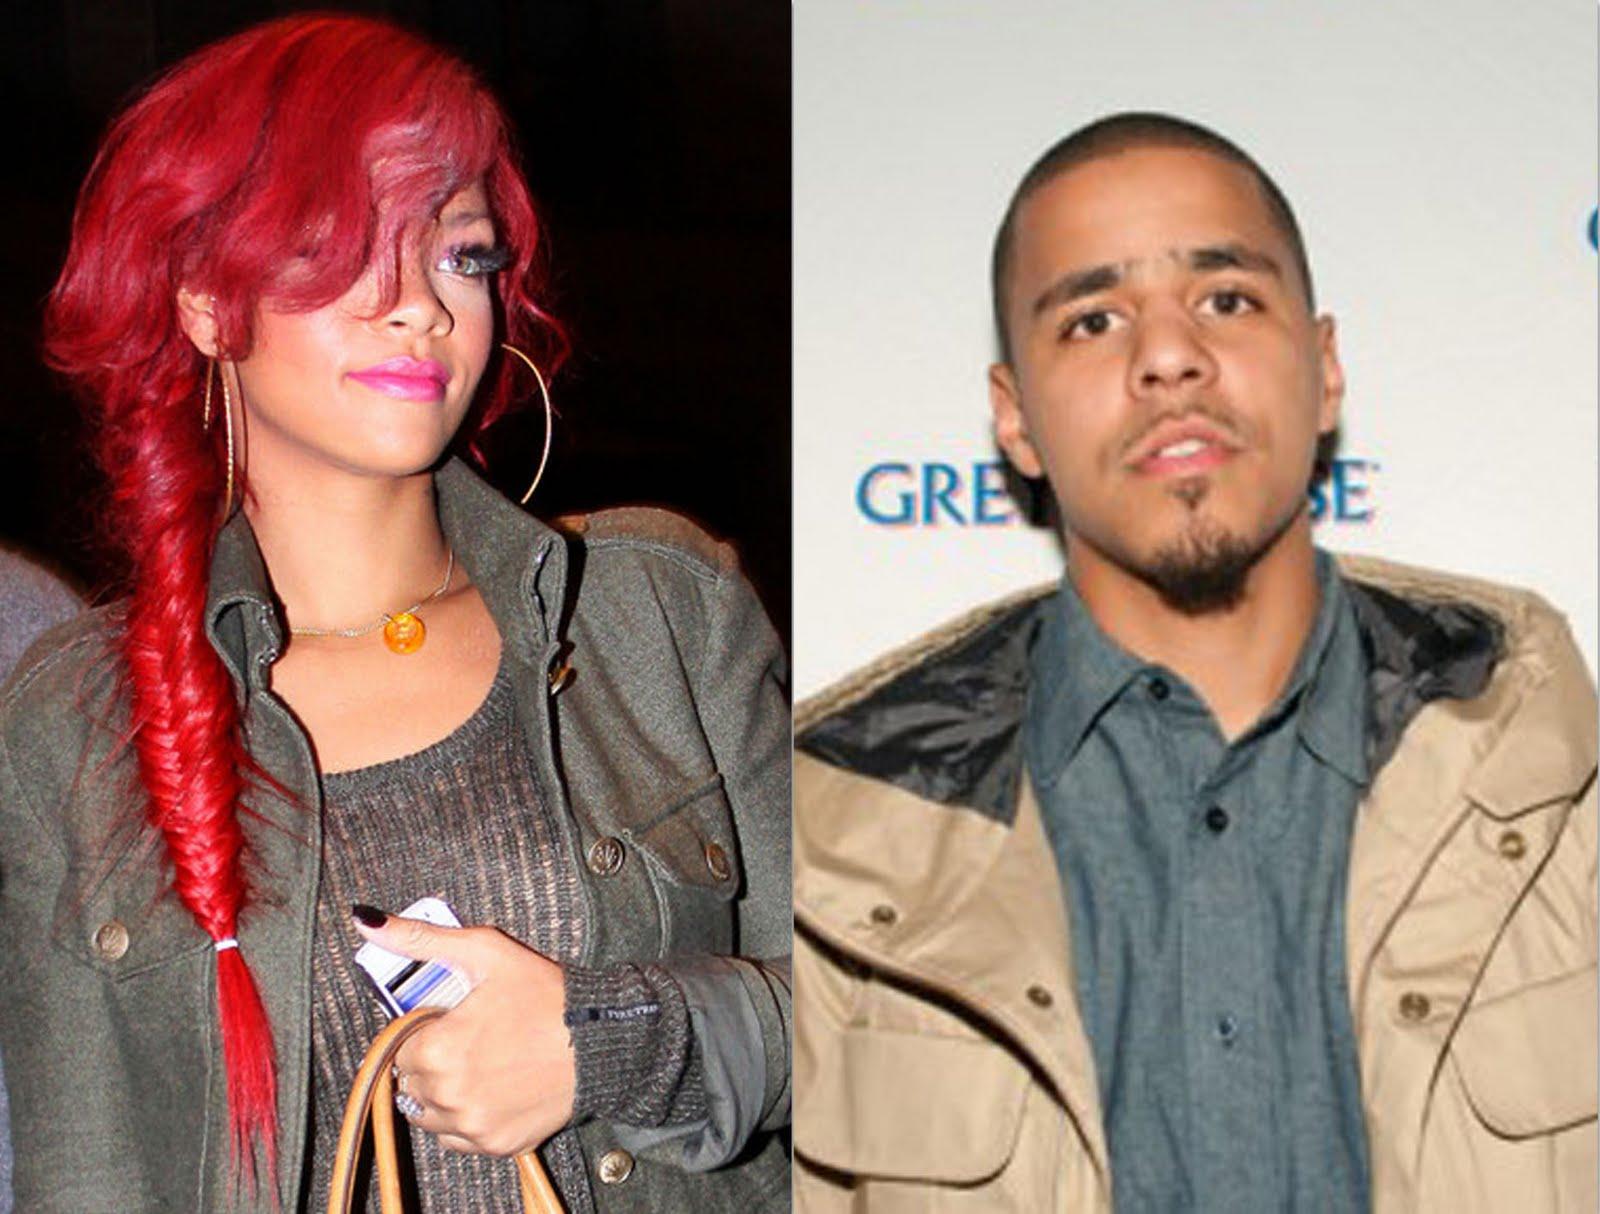 http://1.bp.blogspot.com/-R_5cbrLRBlI/TlZmD_KOh3I/AAAAAAAABUI/c680V-h4ALk/s1600/%2528+Rihanna+says+%2529+J.+Cole+and+I+made+no+sex+tape+6.jpg